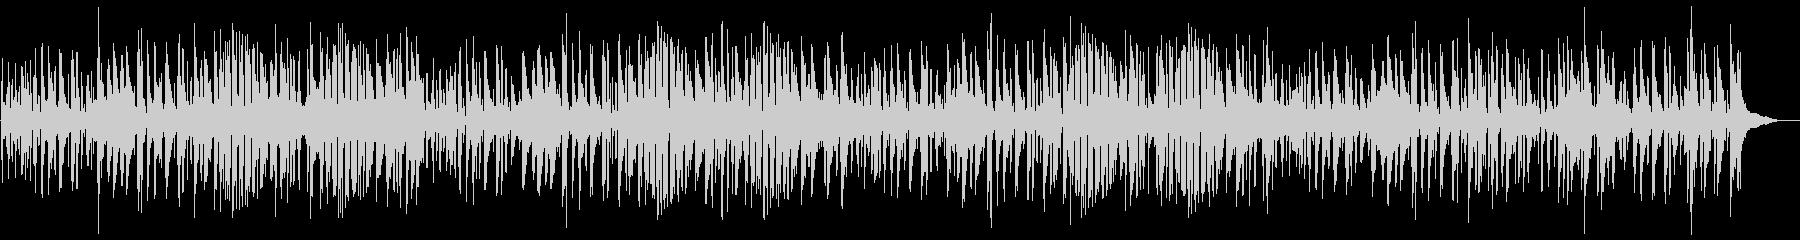 夏おしゃれでかっこいいジャズピアノサンバの未再生の波形